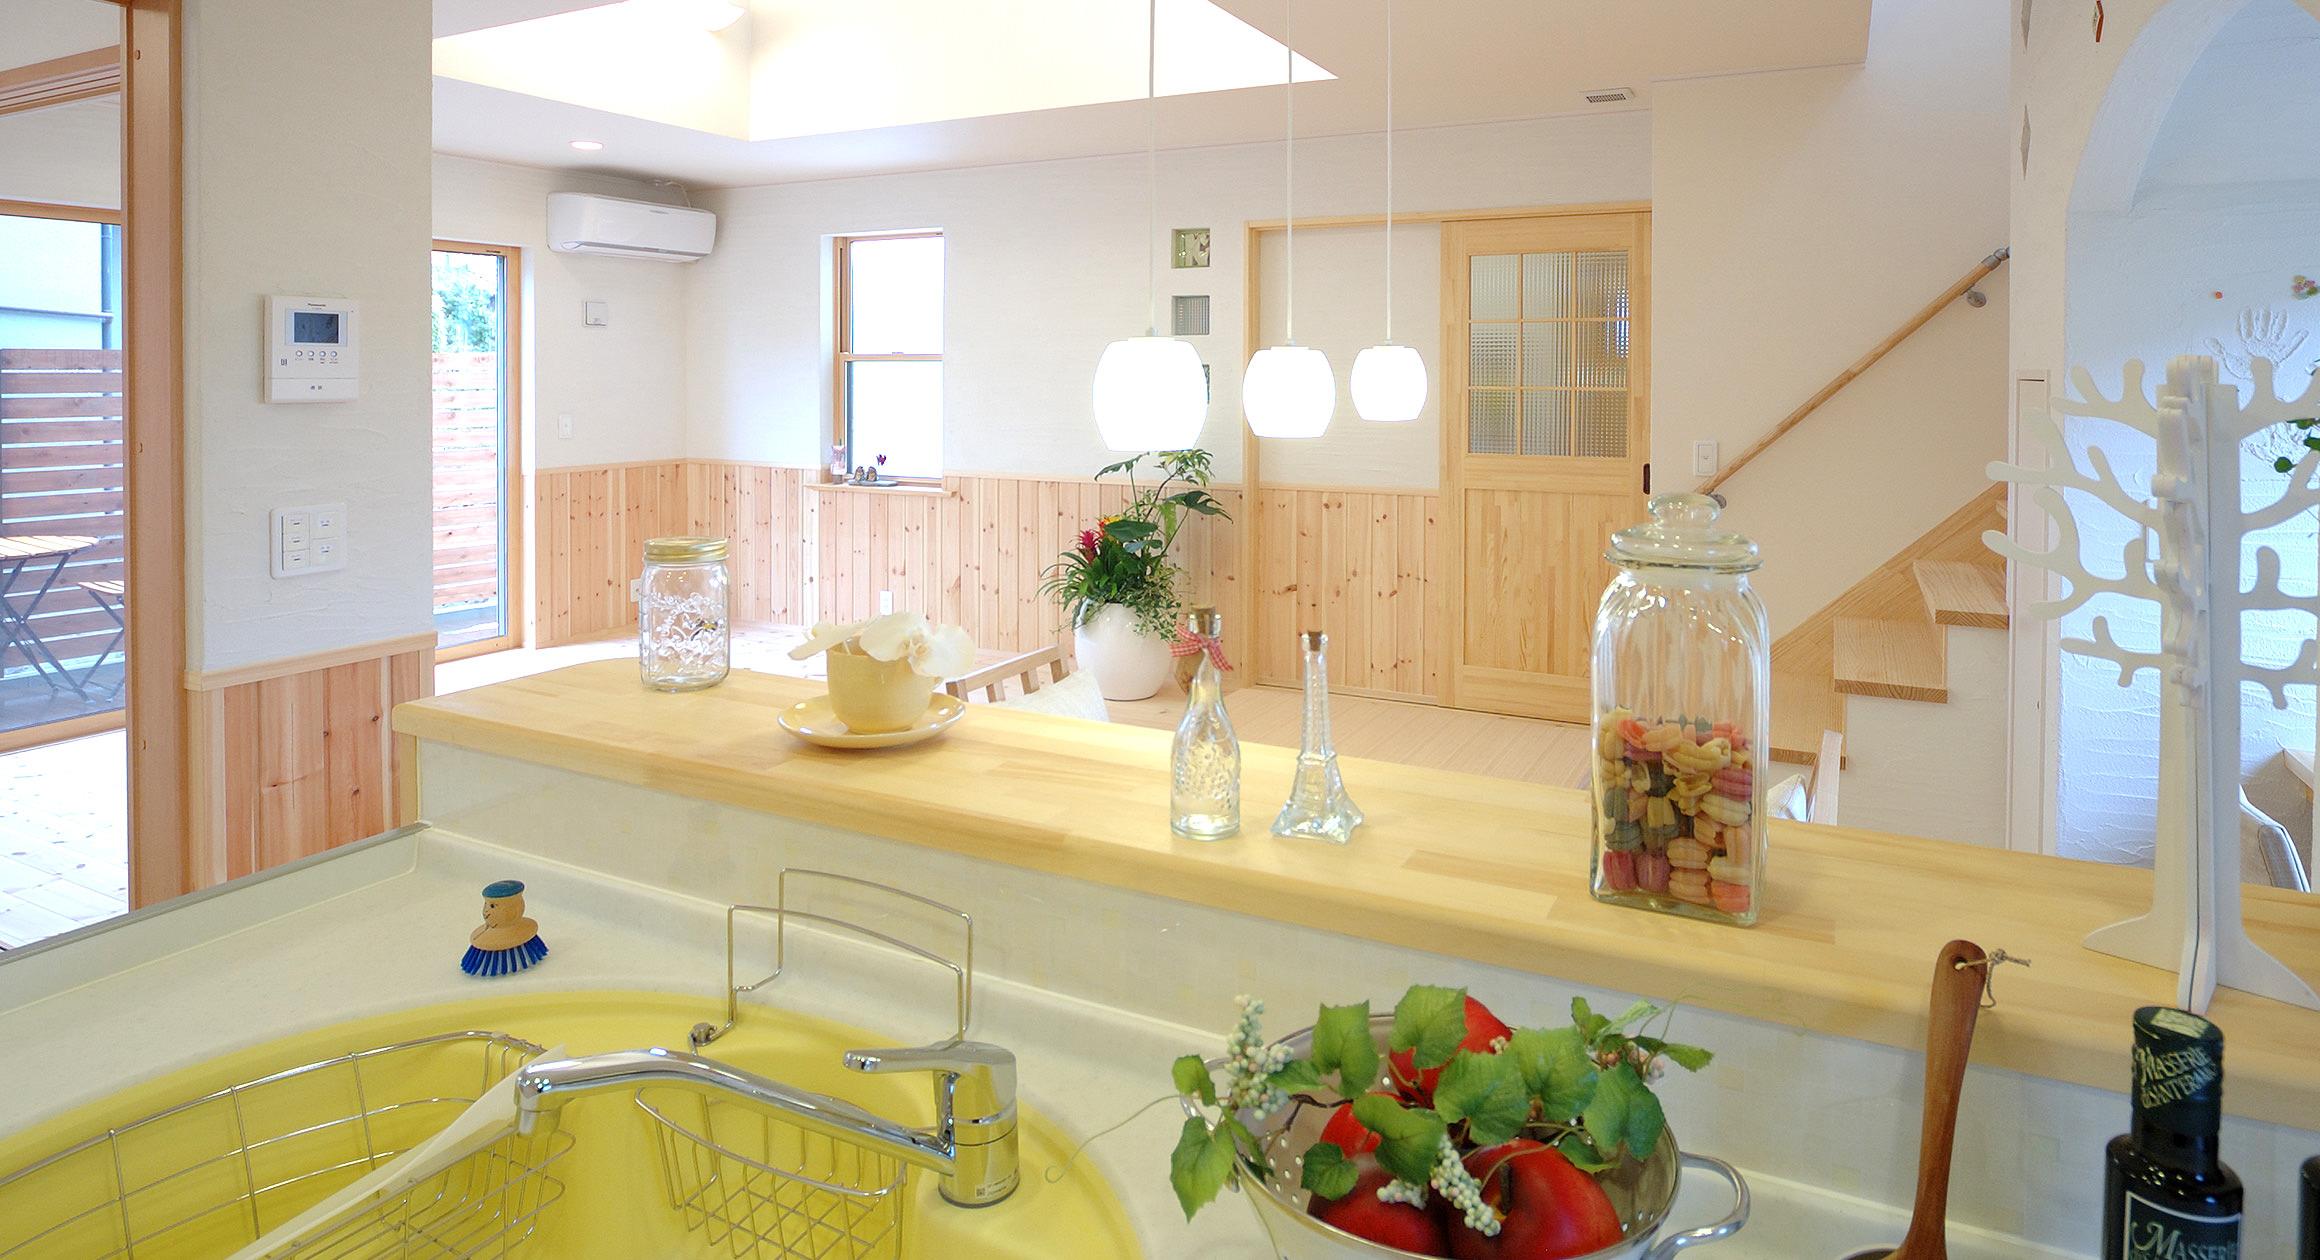 三友工務店の新築注文住宅 熊本市Y様邸